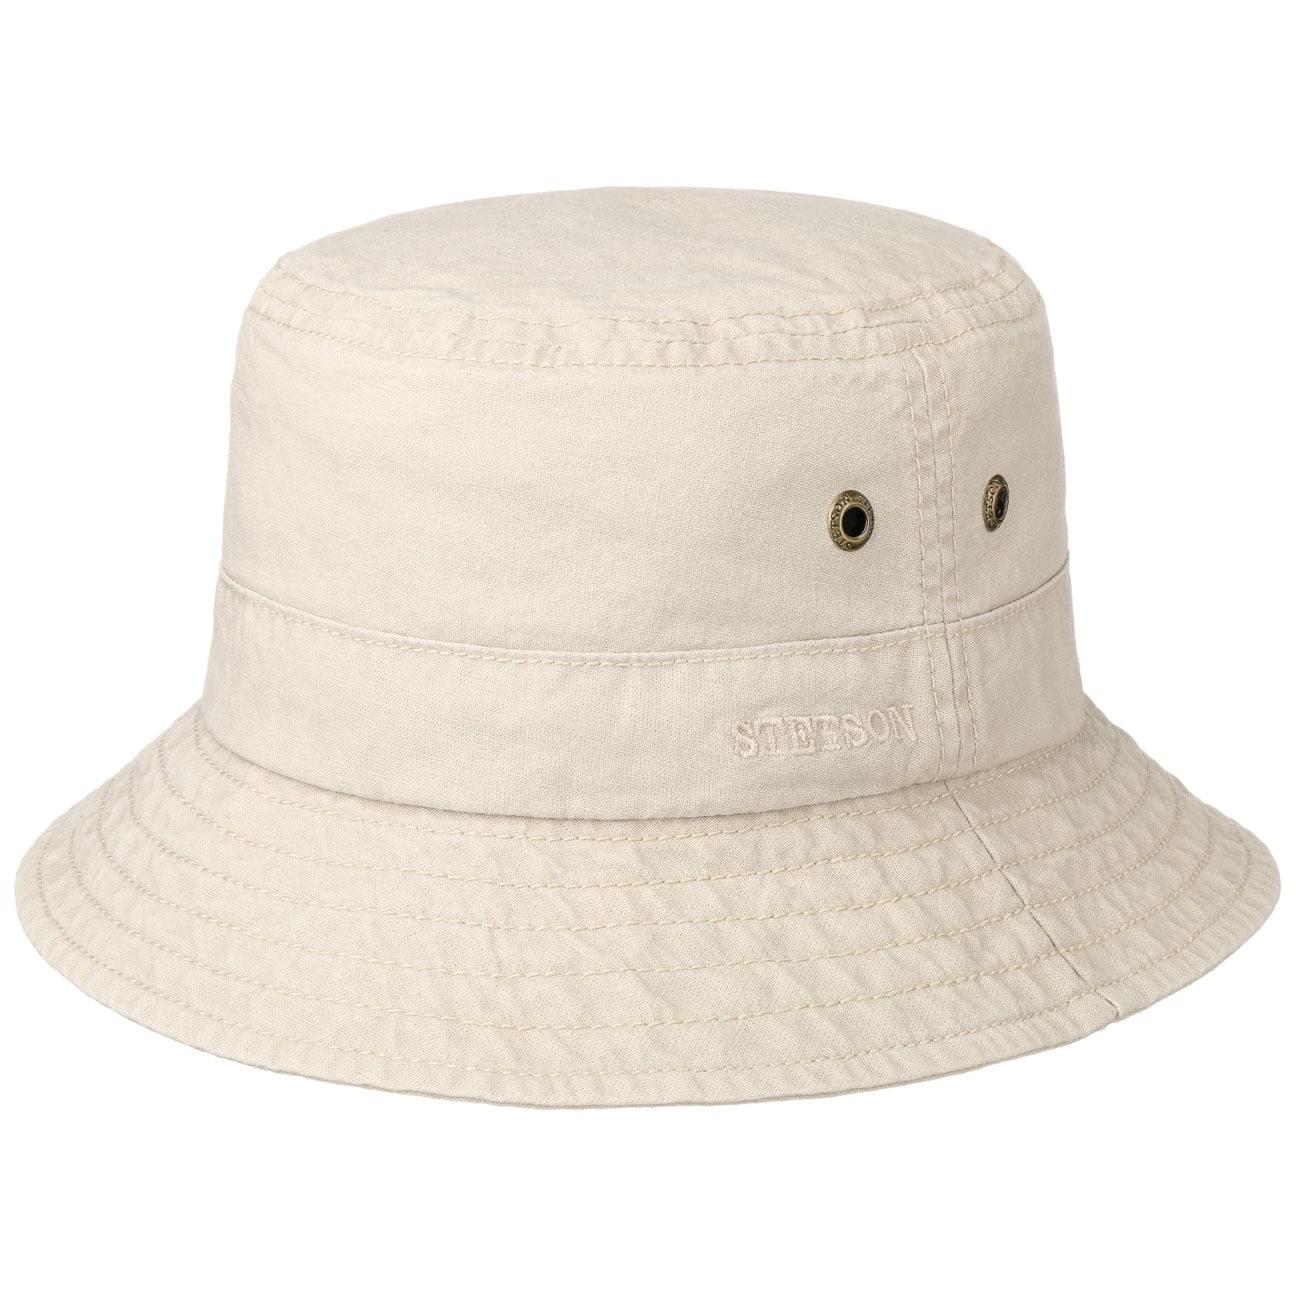 Sombrero Algod?n Delave by Stetson  sombrero de verano